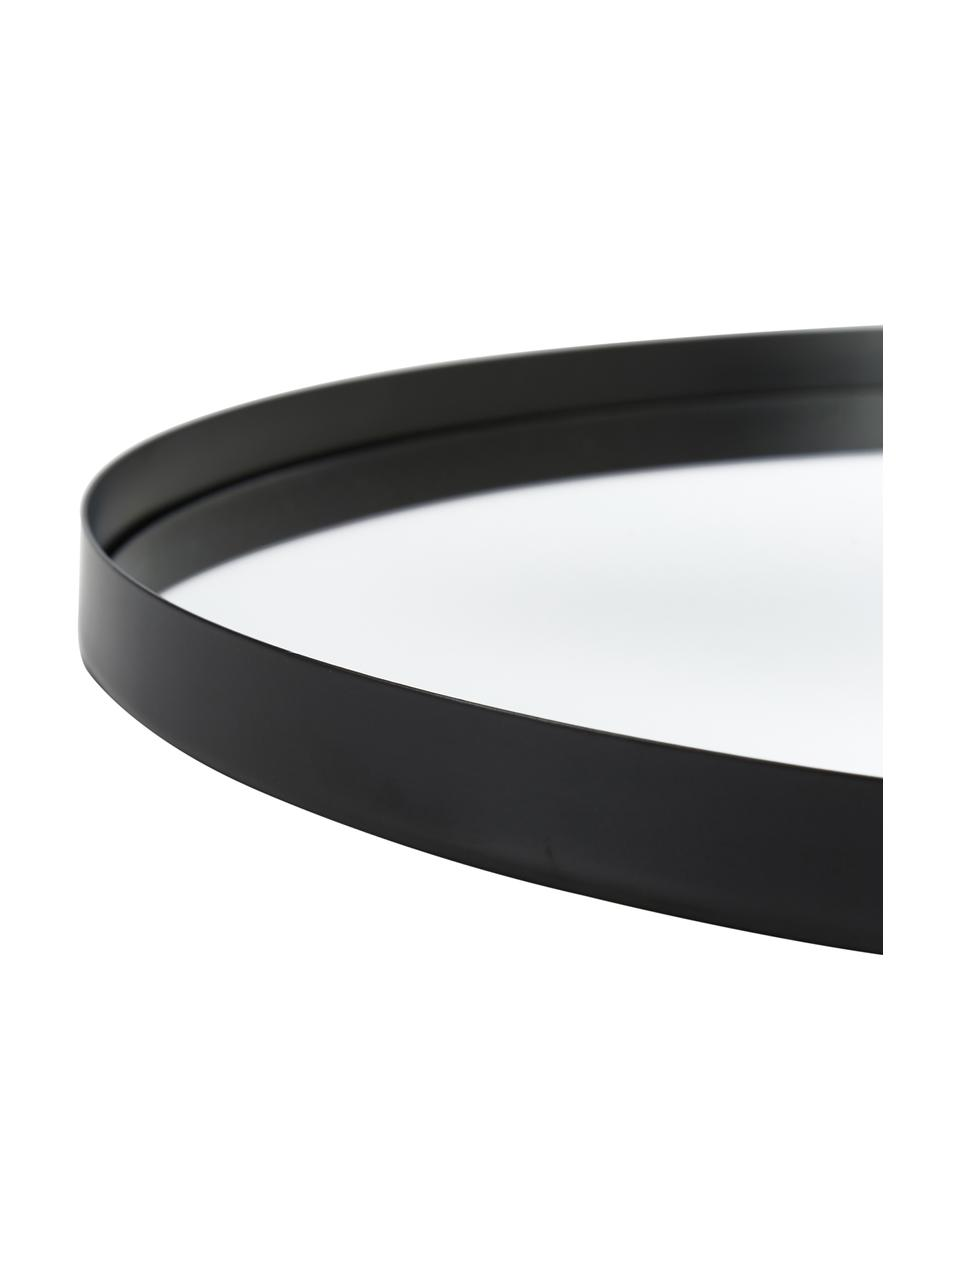 Runder Wandspiegel Ivy mit schwarzem Metallrahmen, Rahmen: Metall, pulverbeschichtet, Rückseite: Mitteldichte Holzfaserpla, Spiegelfläche: Spiegelglas, Schwarz, Ø 100 x T 3 cm